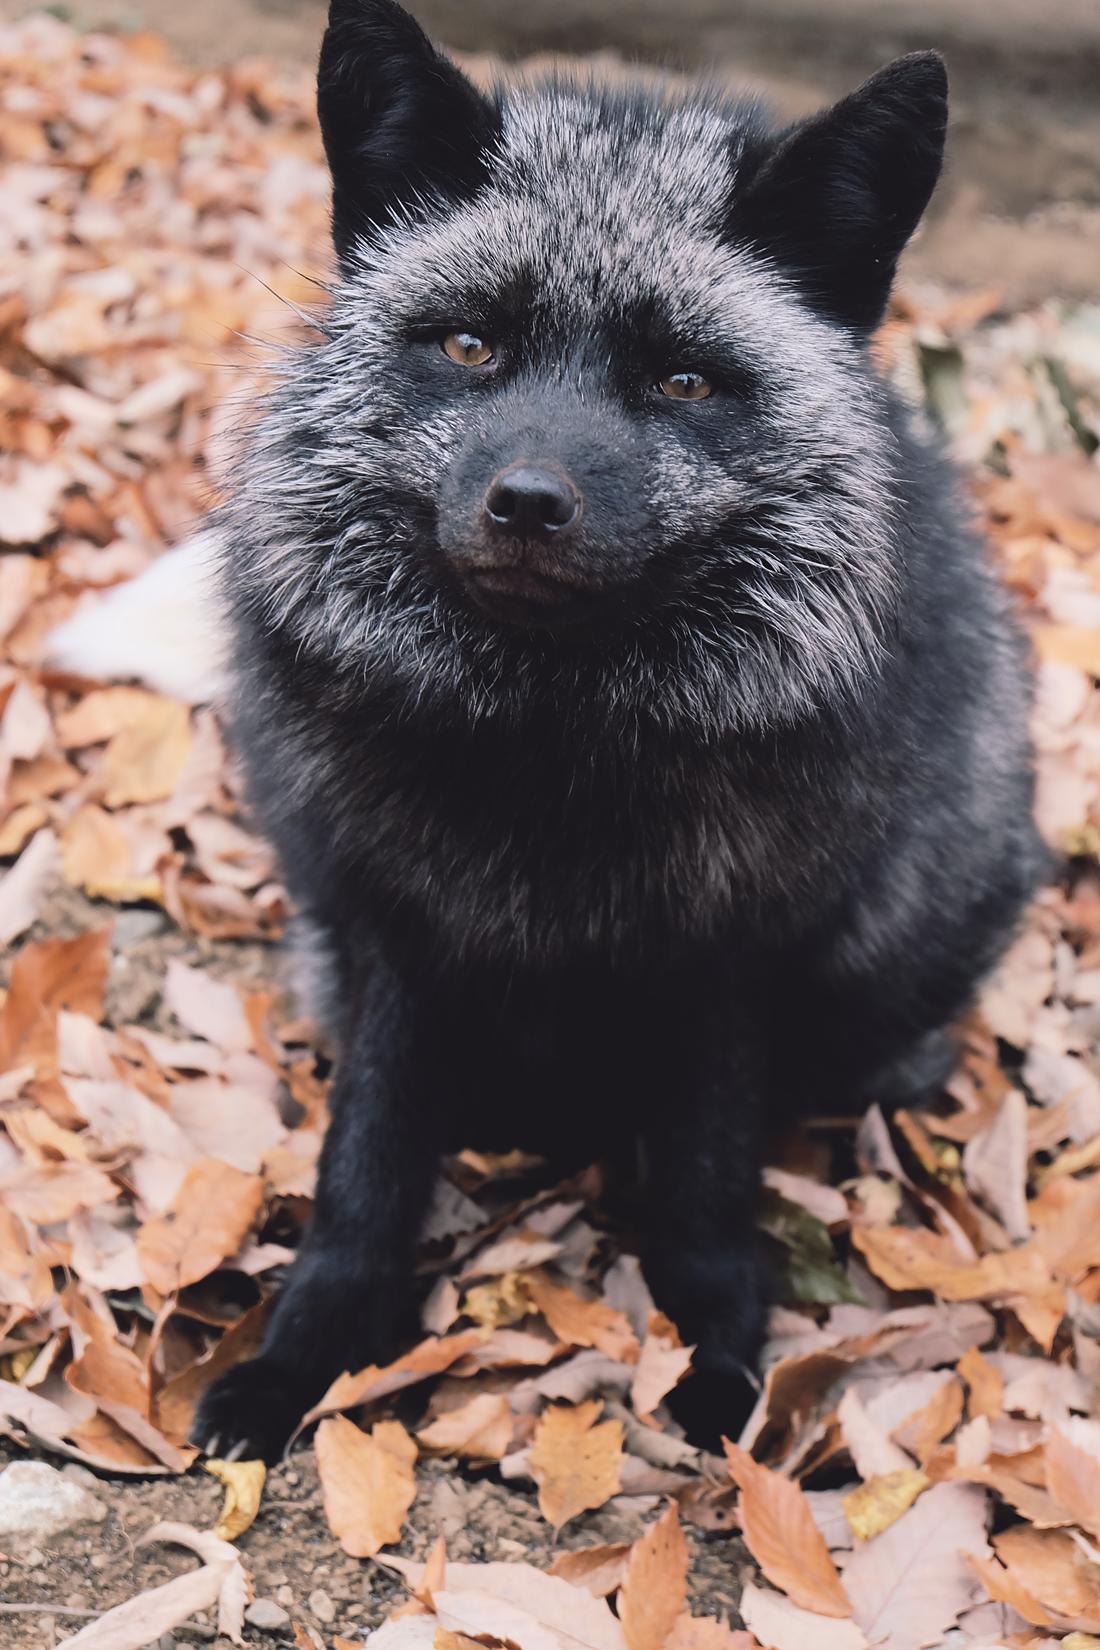 miyagi-zao-fox-village-rainbowholic-47